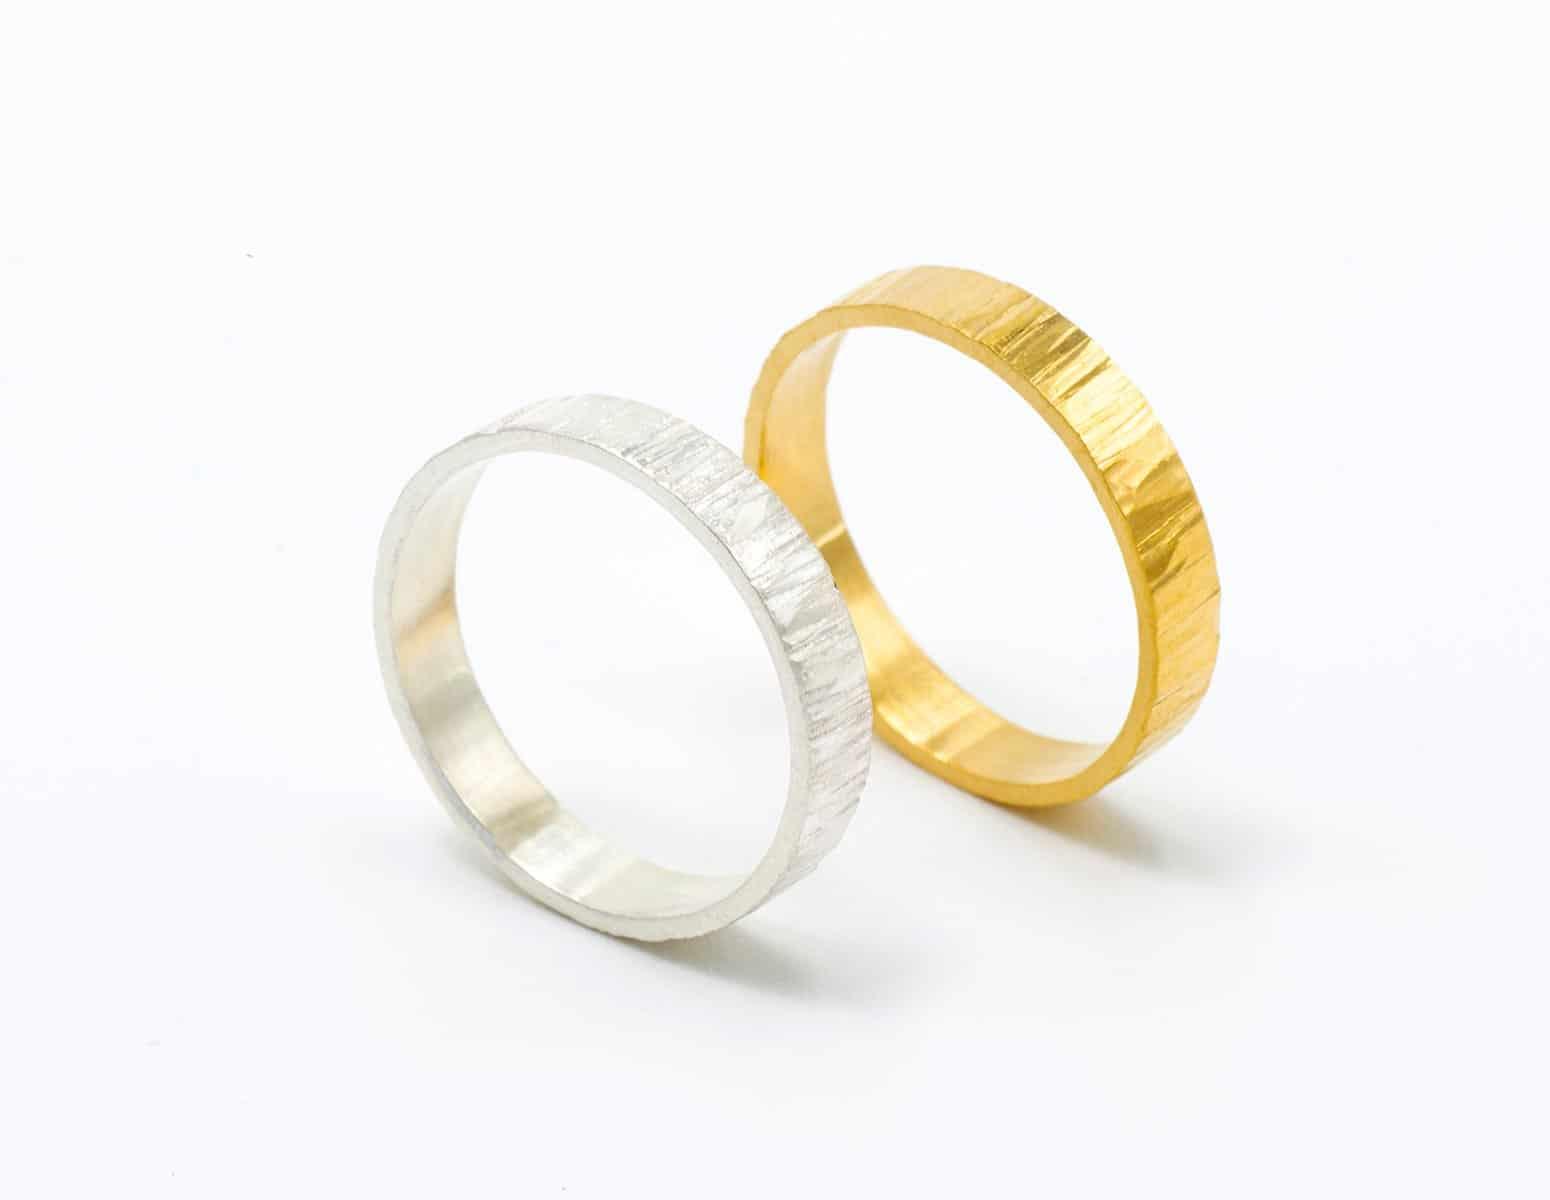 Anillos de compromiso en oro justo amarillo y blanco